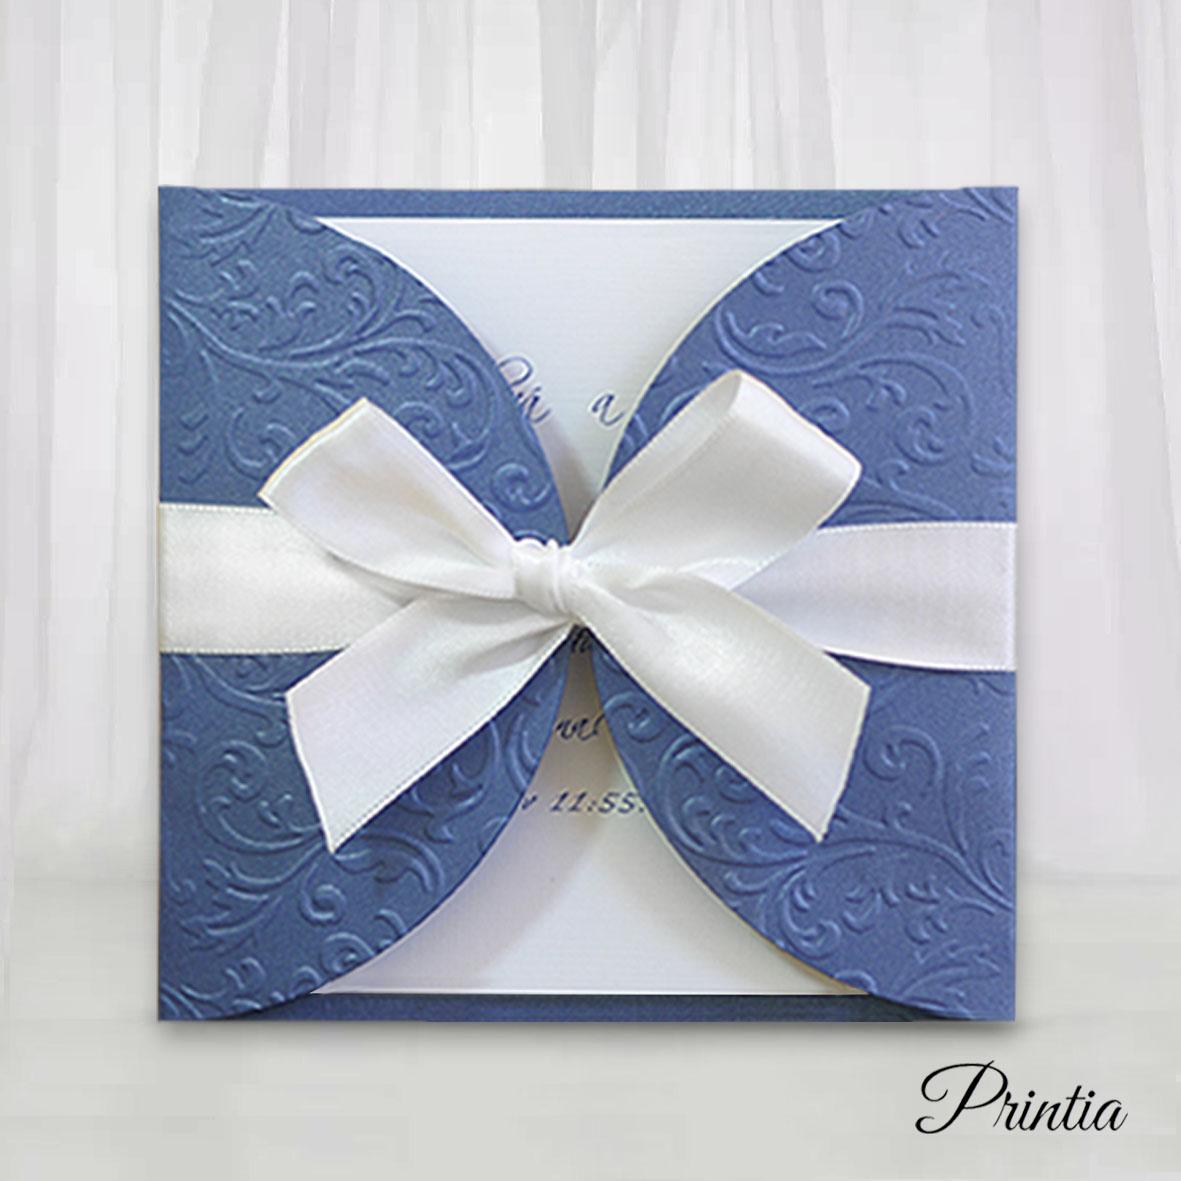 Tmavě modré svatební oznámení s vystouplými ornamenty převázané mašlí